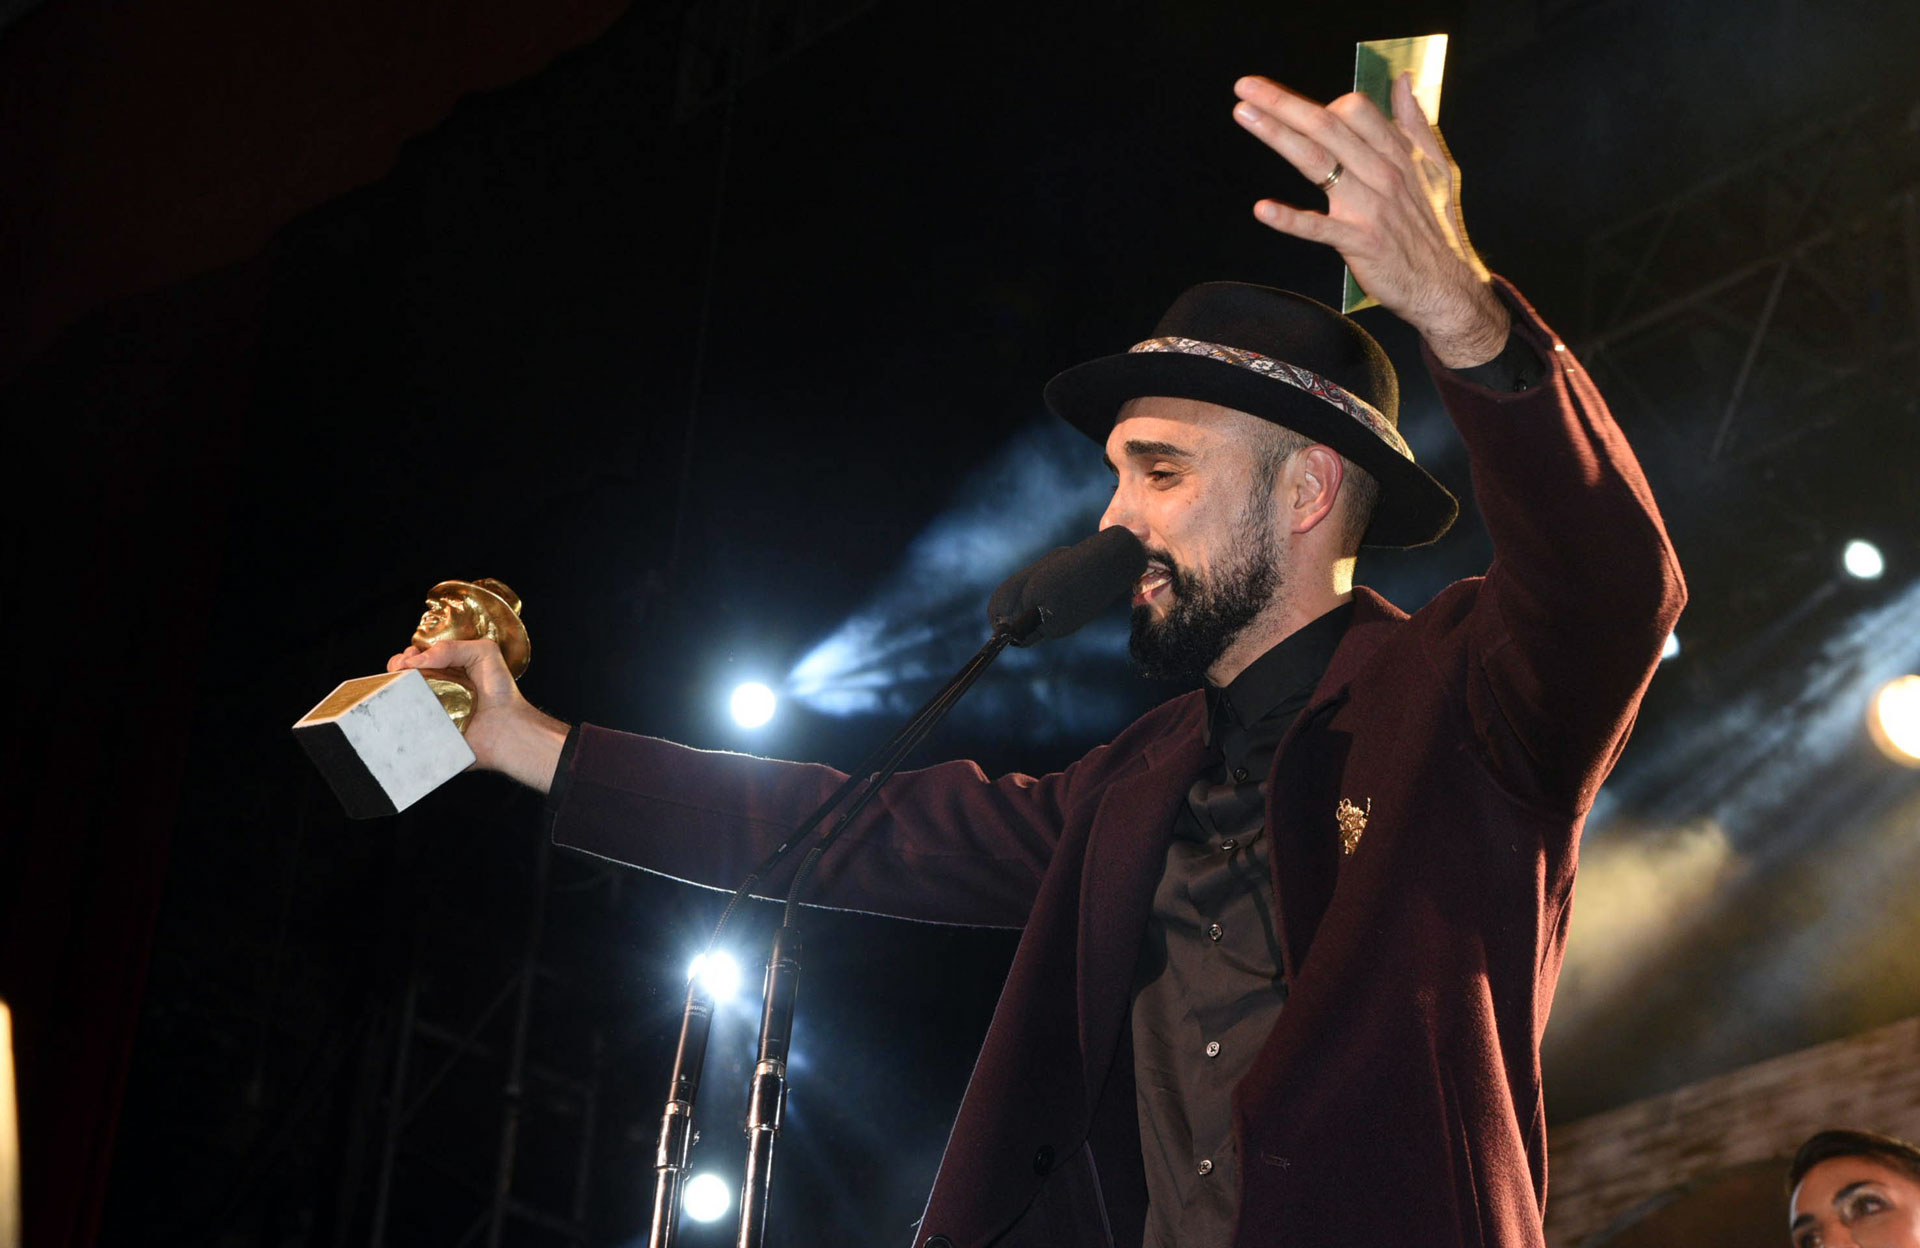 Abel Pintos fue reconocido con el galardón de Oro en los premios Gardel. Es la tercera vez que recibe esta estatuilla. También ganó en las categorías Álbum Artista Masculino Pop y Canción del Año